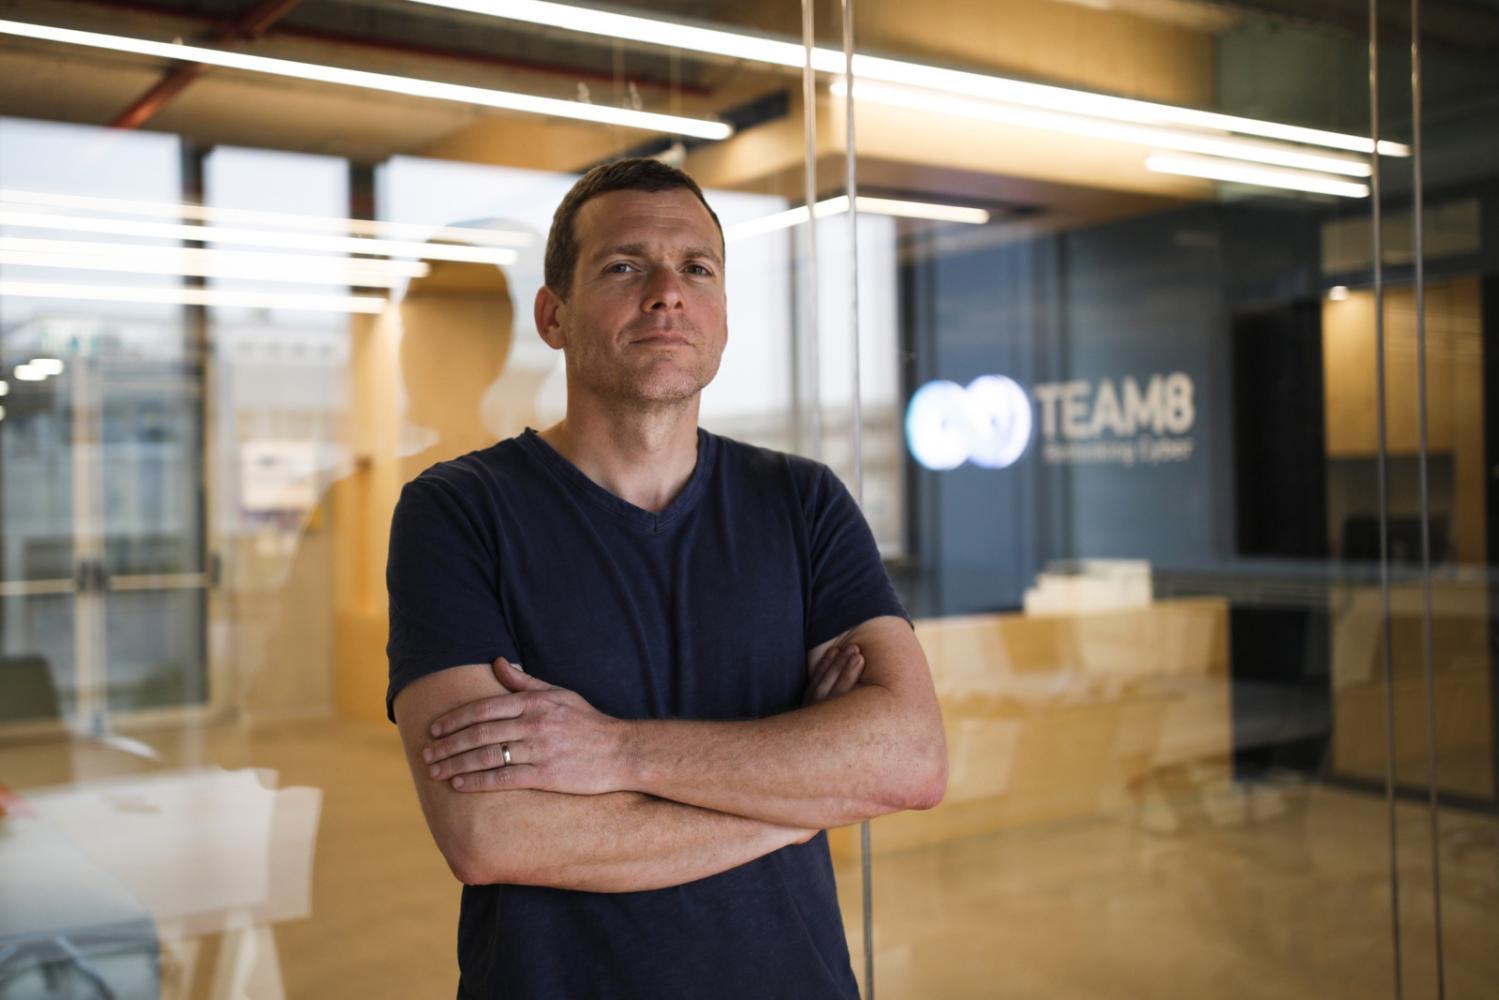 Nadav Zafrir, Chef von Team8, in den Büros von Team8 in Tel Aviv, Israel, 22.Februar 2017.